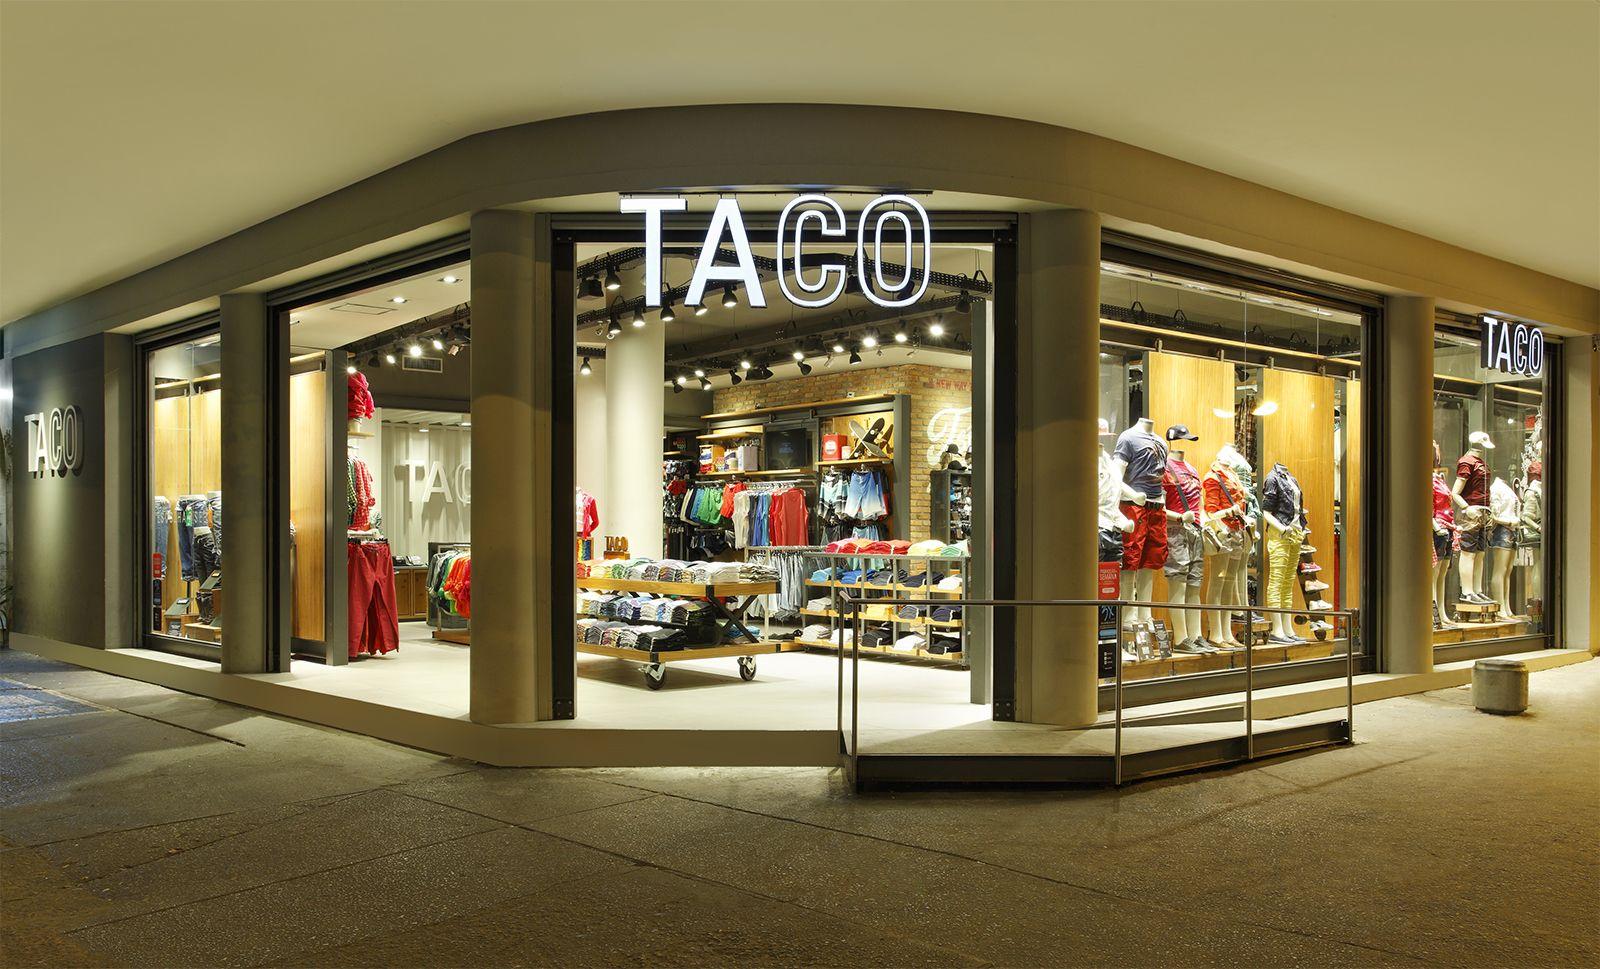 Taco - Copacabana - Rio de Janeiro - 2014 Arquitetura de Interiores - projetos comerciais - Retail Design - Shop Spaces.